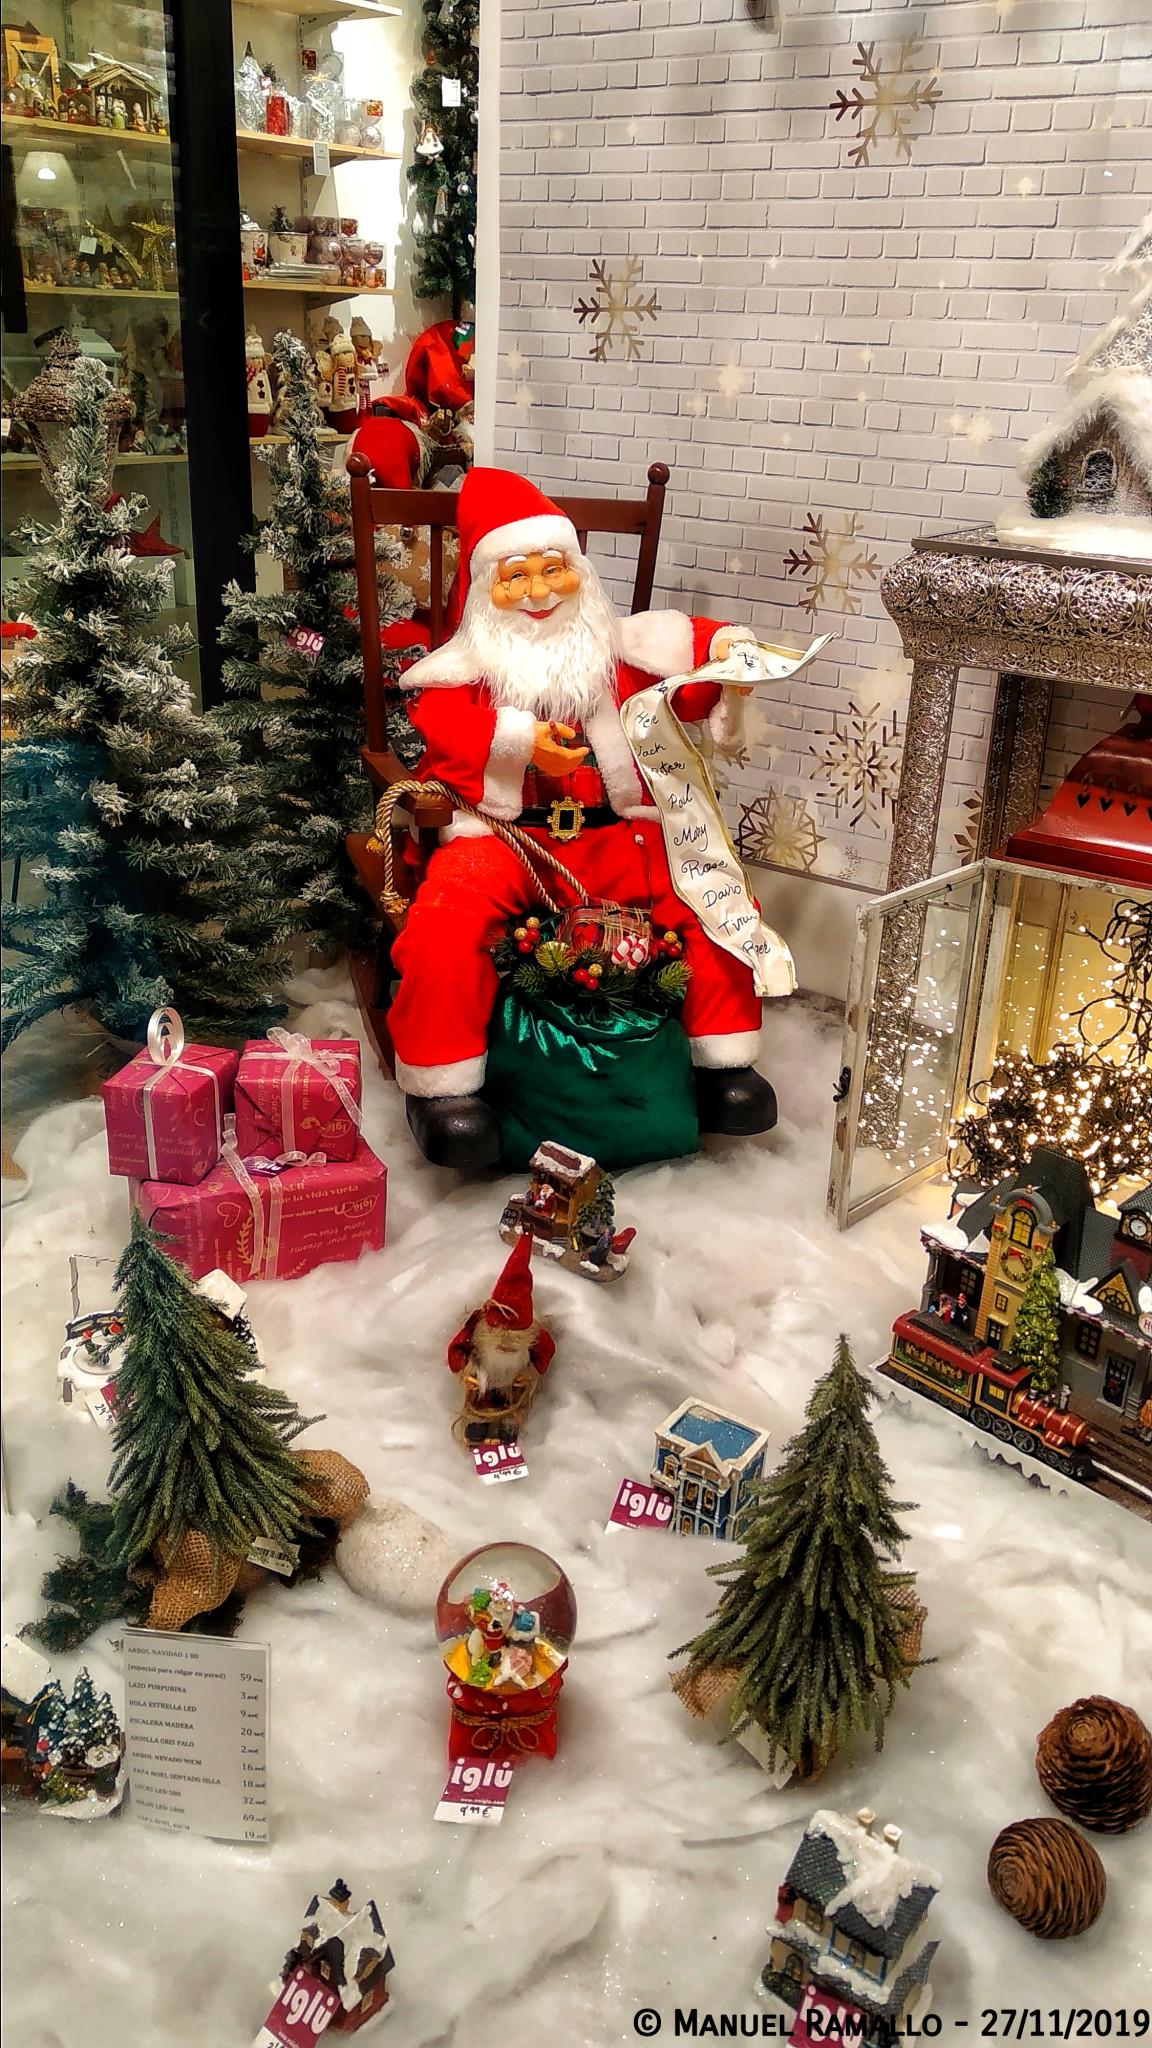 La Navidad ya está aquí - Happy Christmas